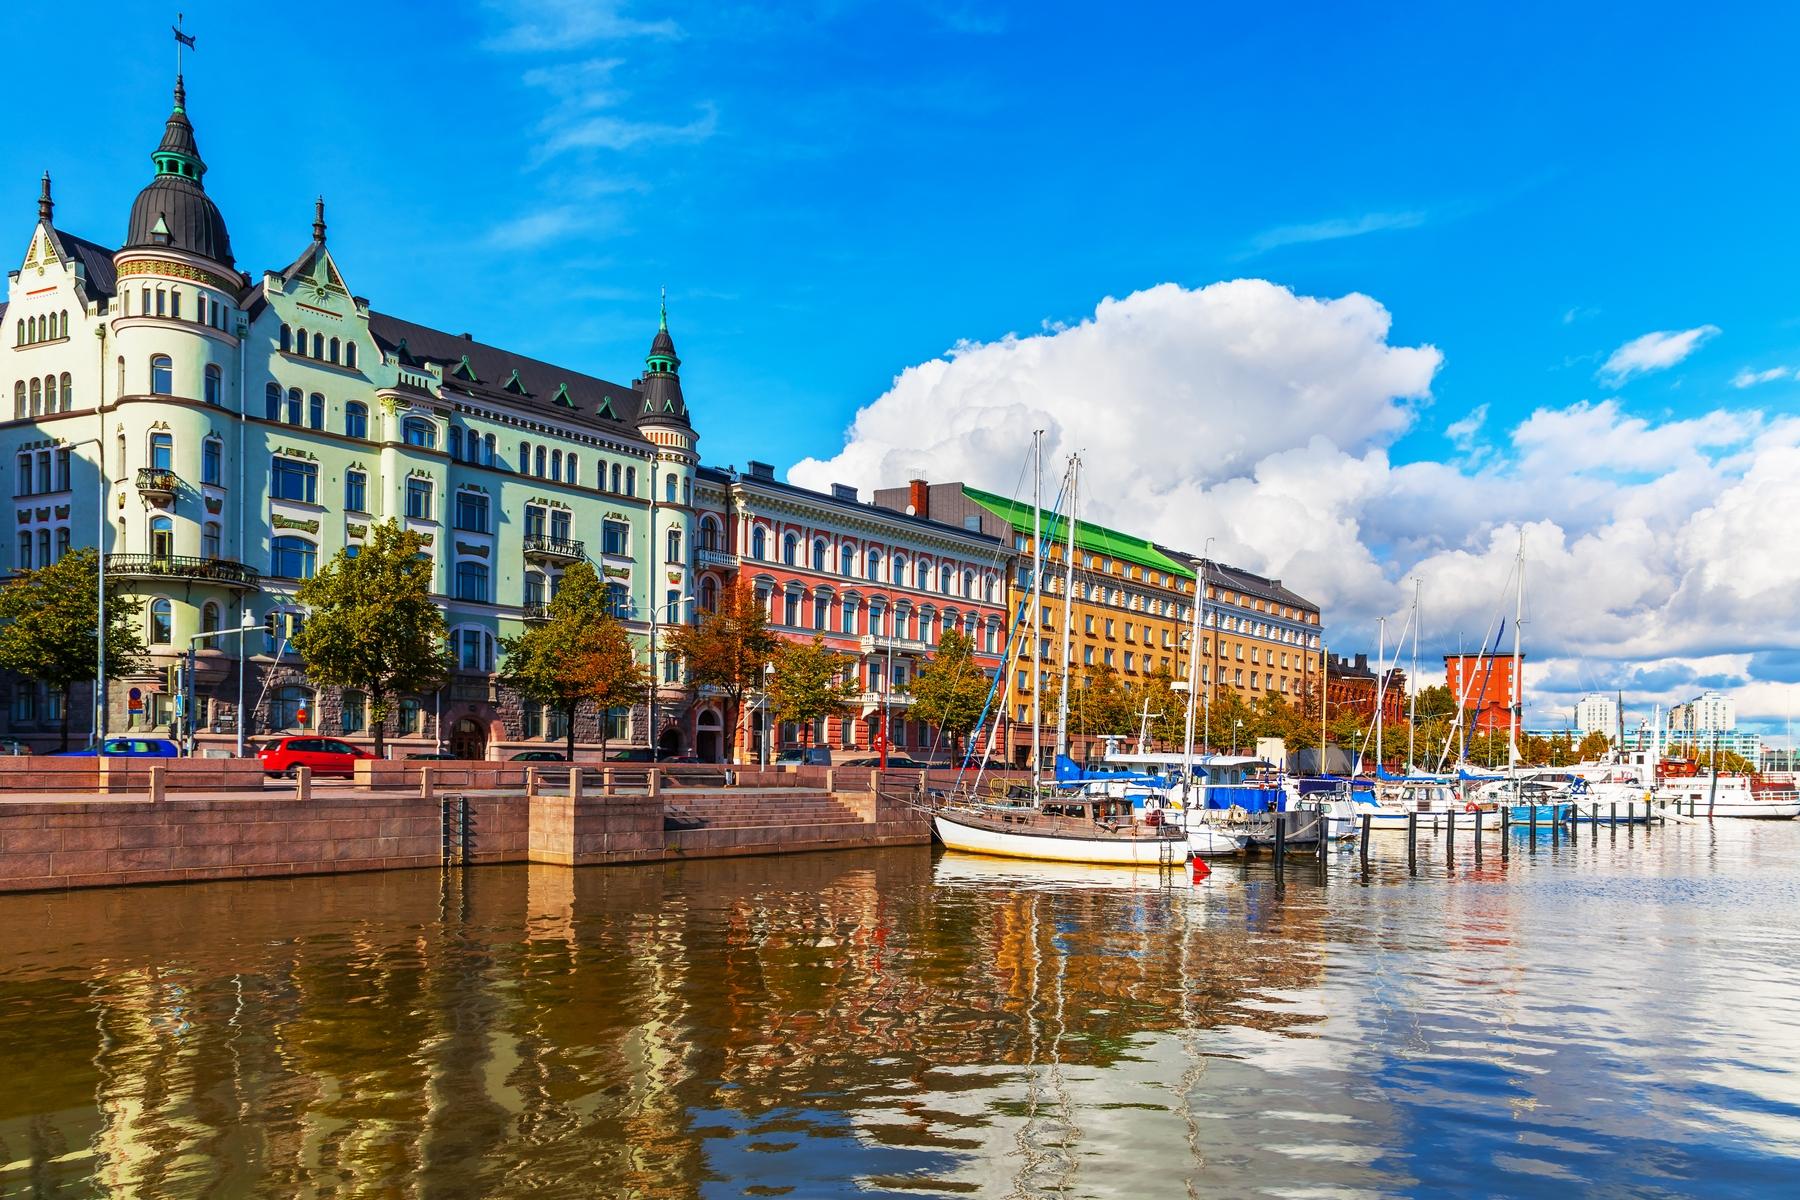 Boote am Wasser vor bunten Häusern am nachhaltigen Reiseziel Helsinki in Finnland